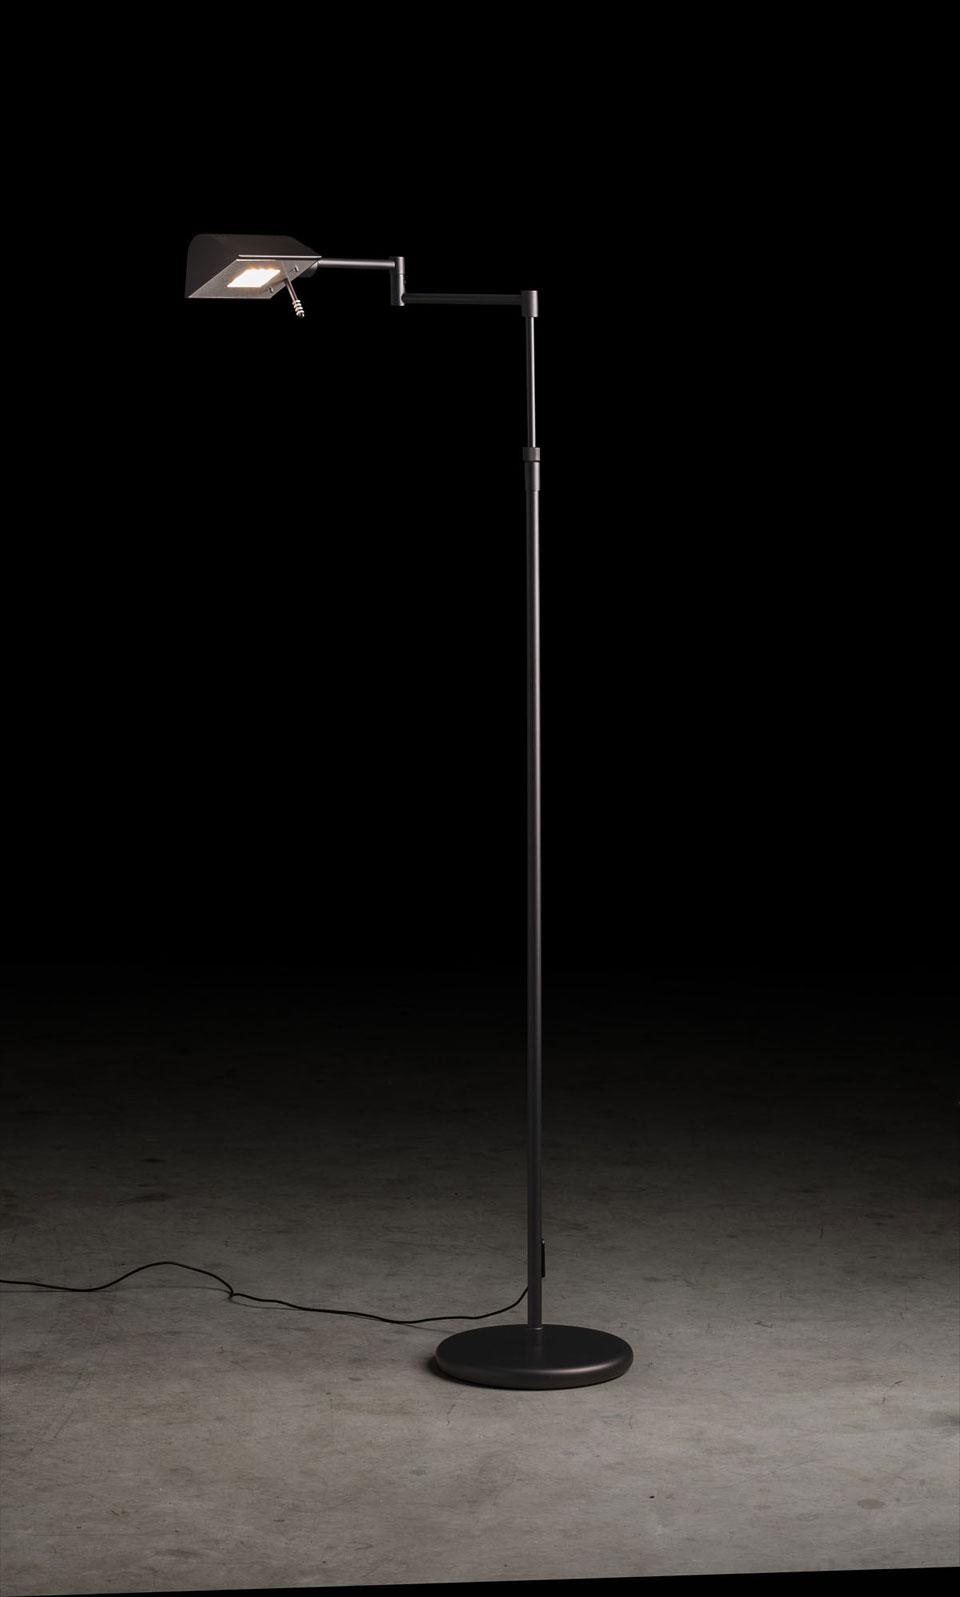 Liseuse éclairage LED, hauteur réglable, finition noire satinée. Holtkötter.